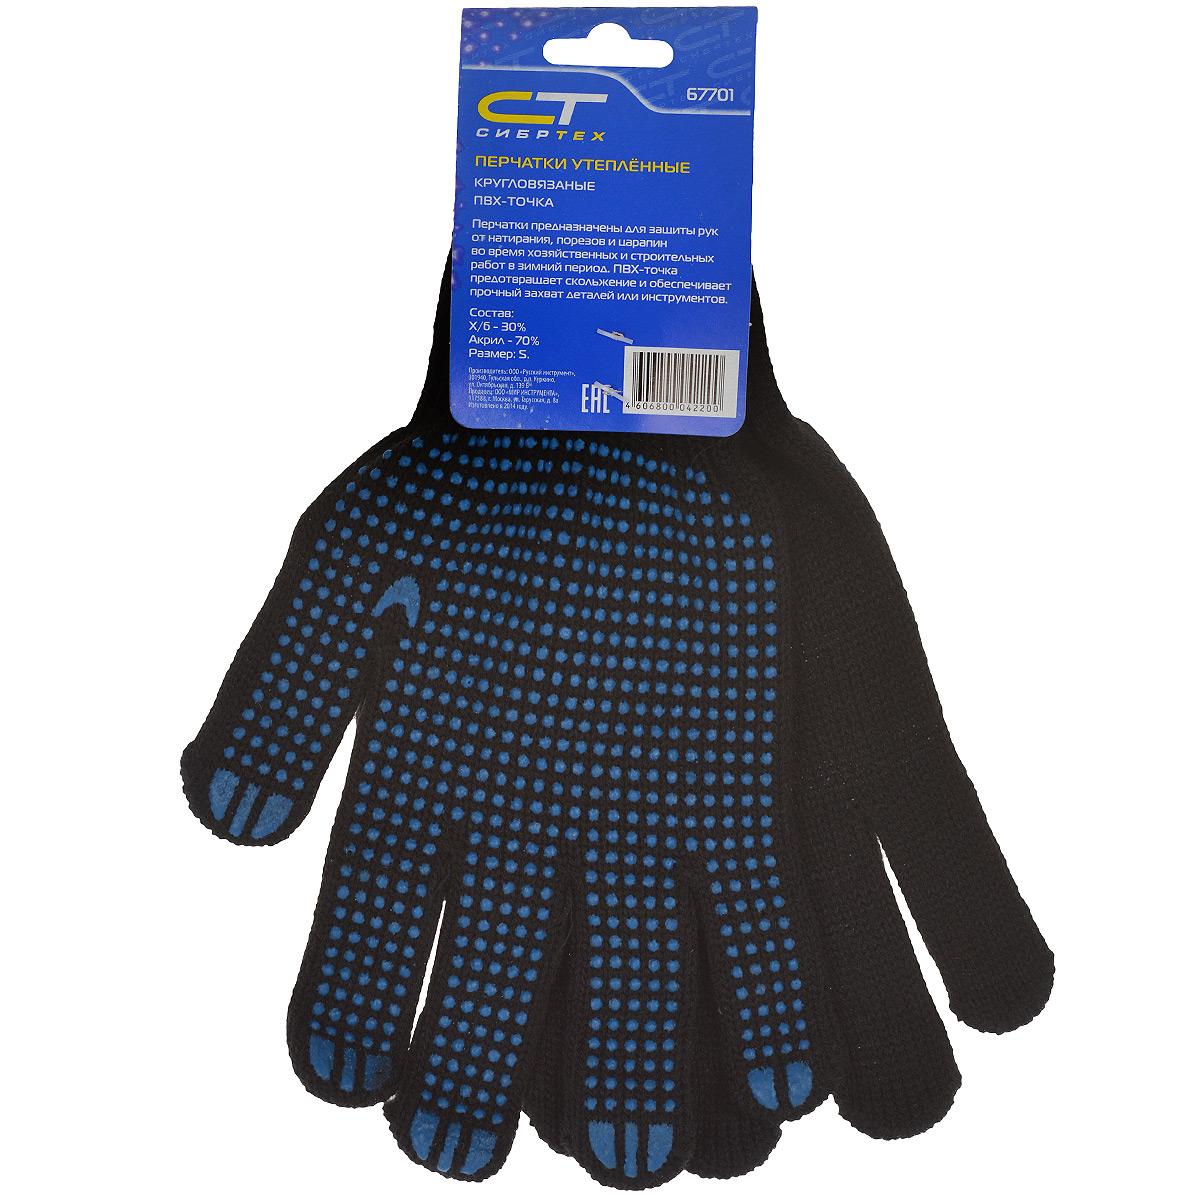 Перчатки утепленные Сибртех. Размер S67701